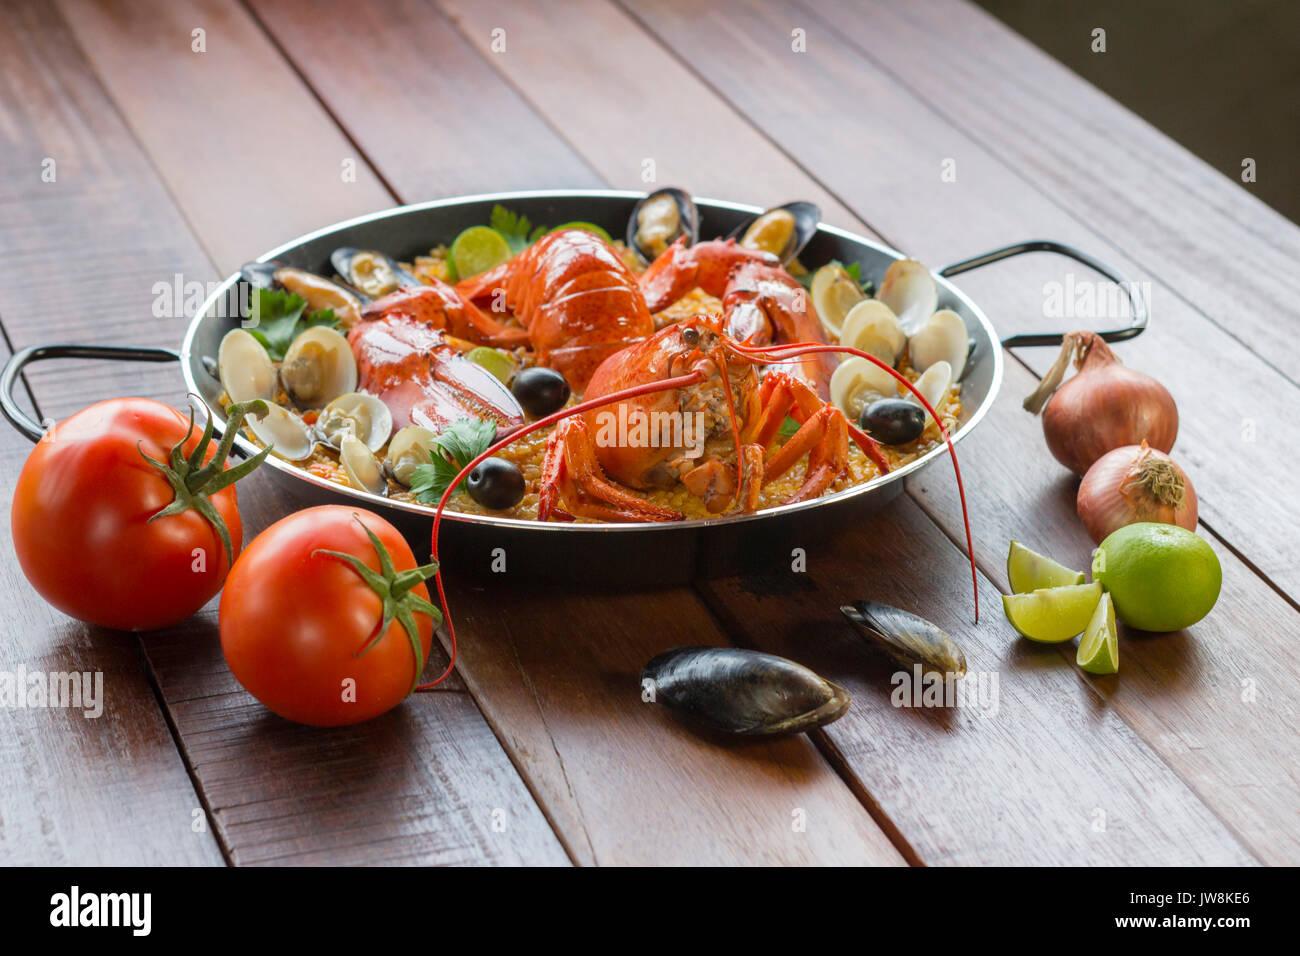 Gourmet Meeresfrüchte Valencia Paella mit frischen Scampi, Muscheln, Muscheln und Tintenfisch auf herzhafte Safran Reis mit Erbsen und Zitronenscheiben, Ansicht schließen Stockbild